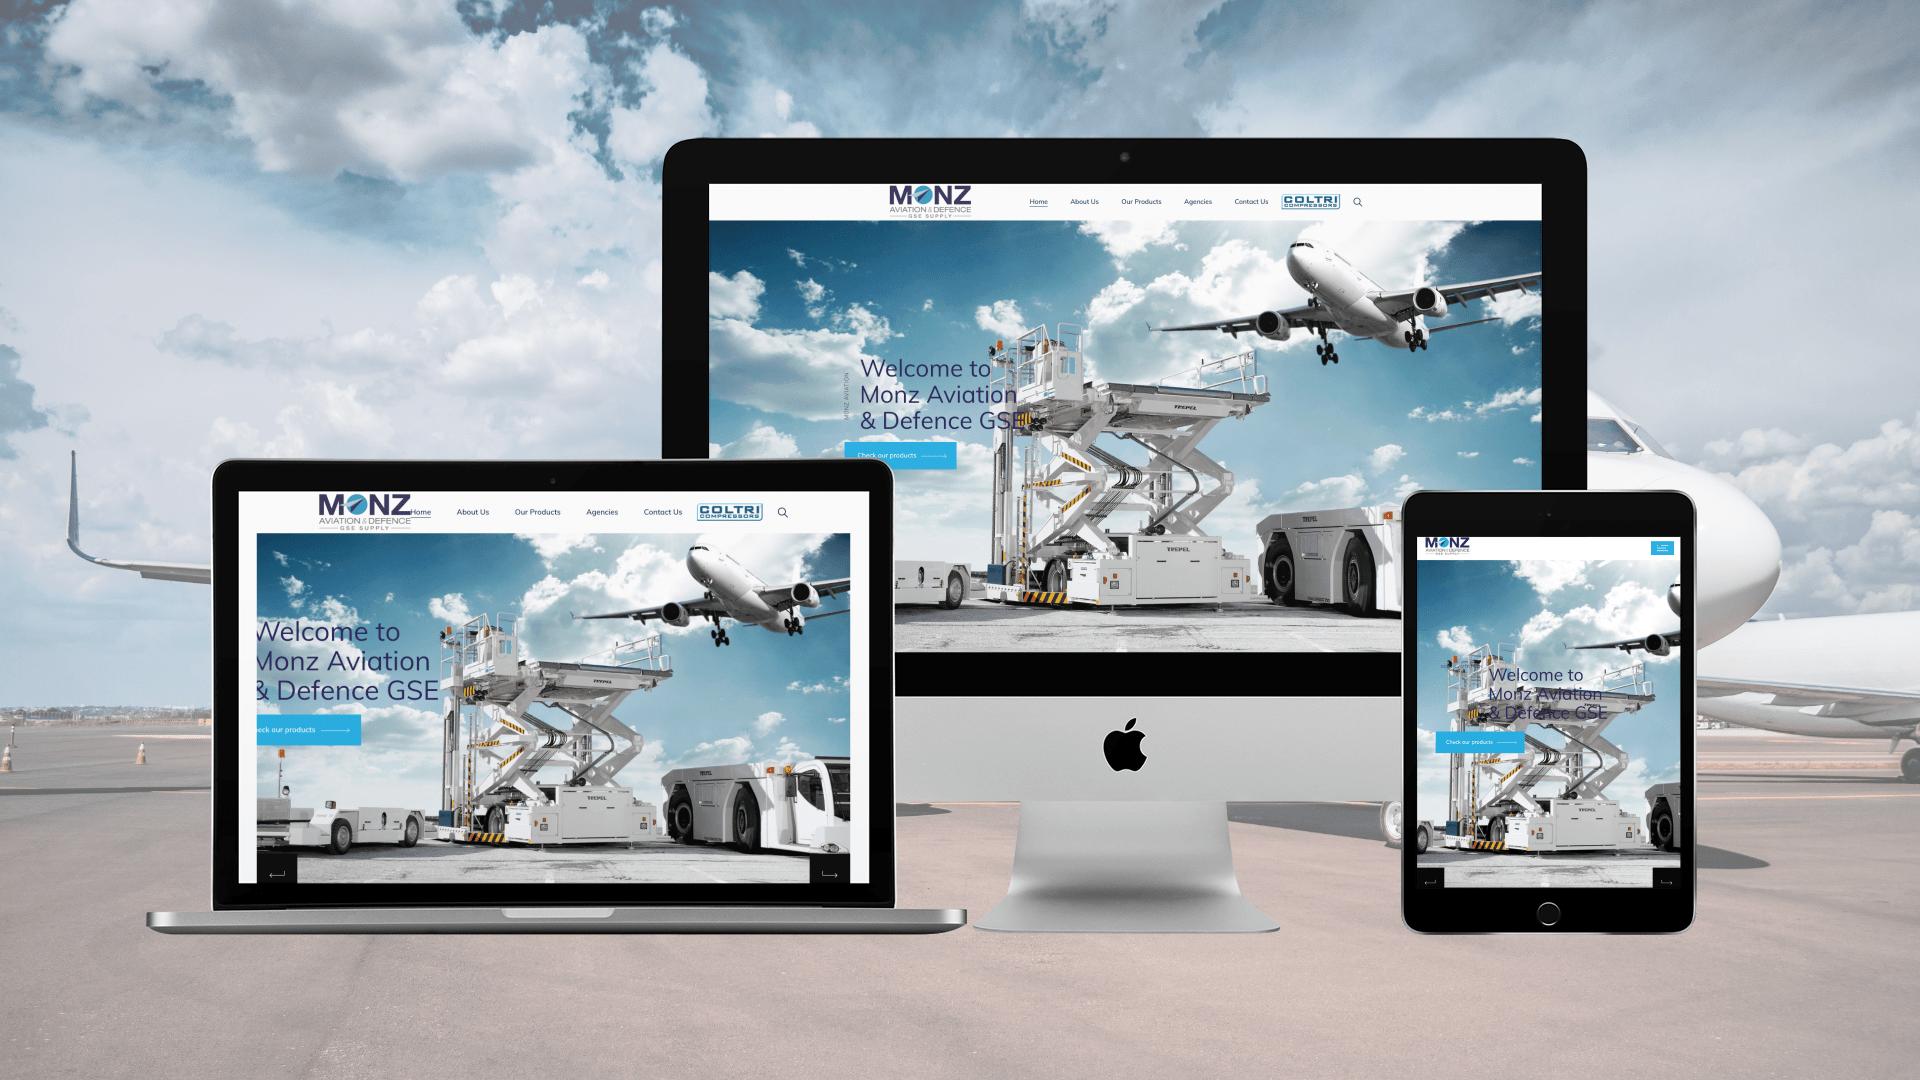 Monz Aviation